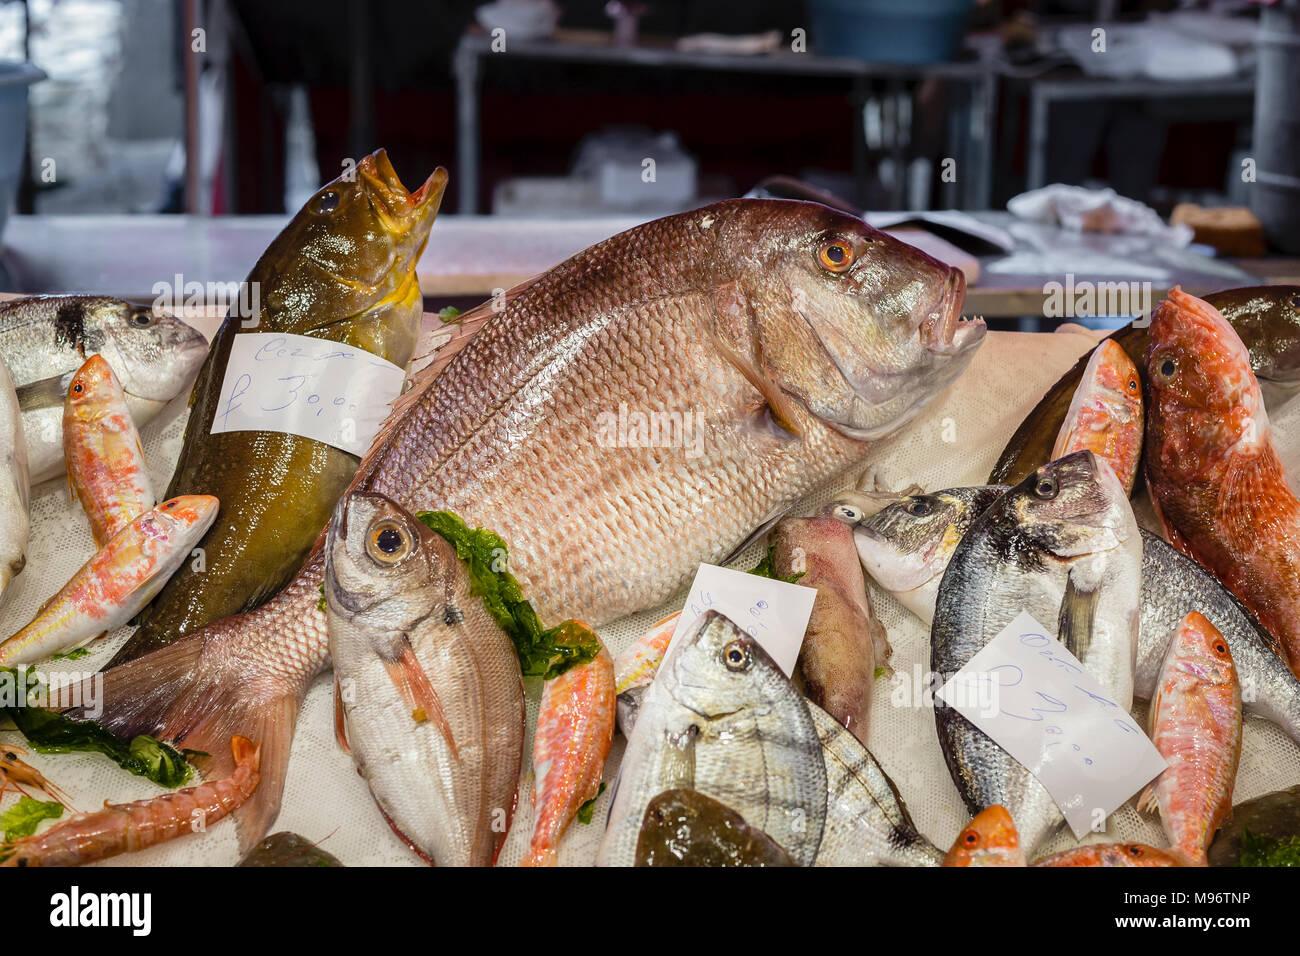 Fischmarkt La Pescheria, Catania, Sizilien, Italien. Stockbild